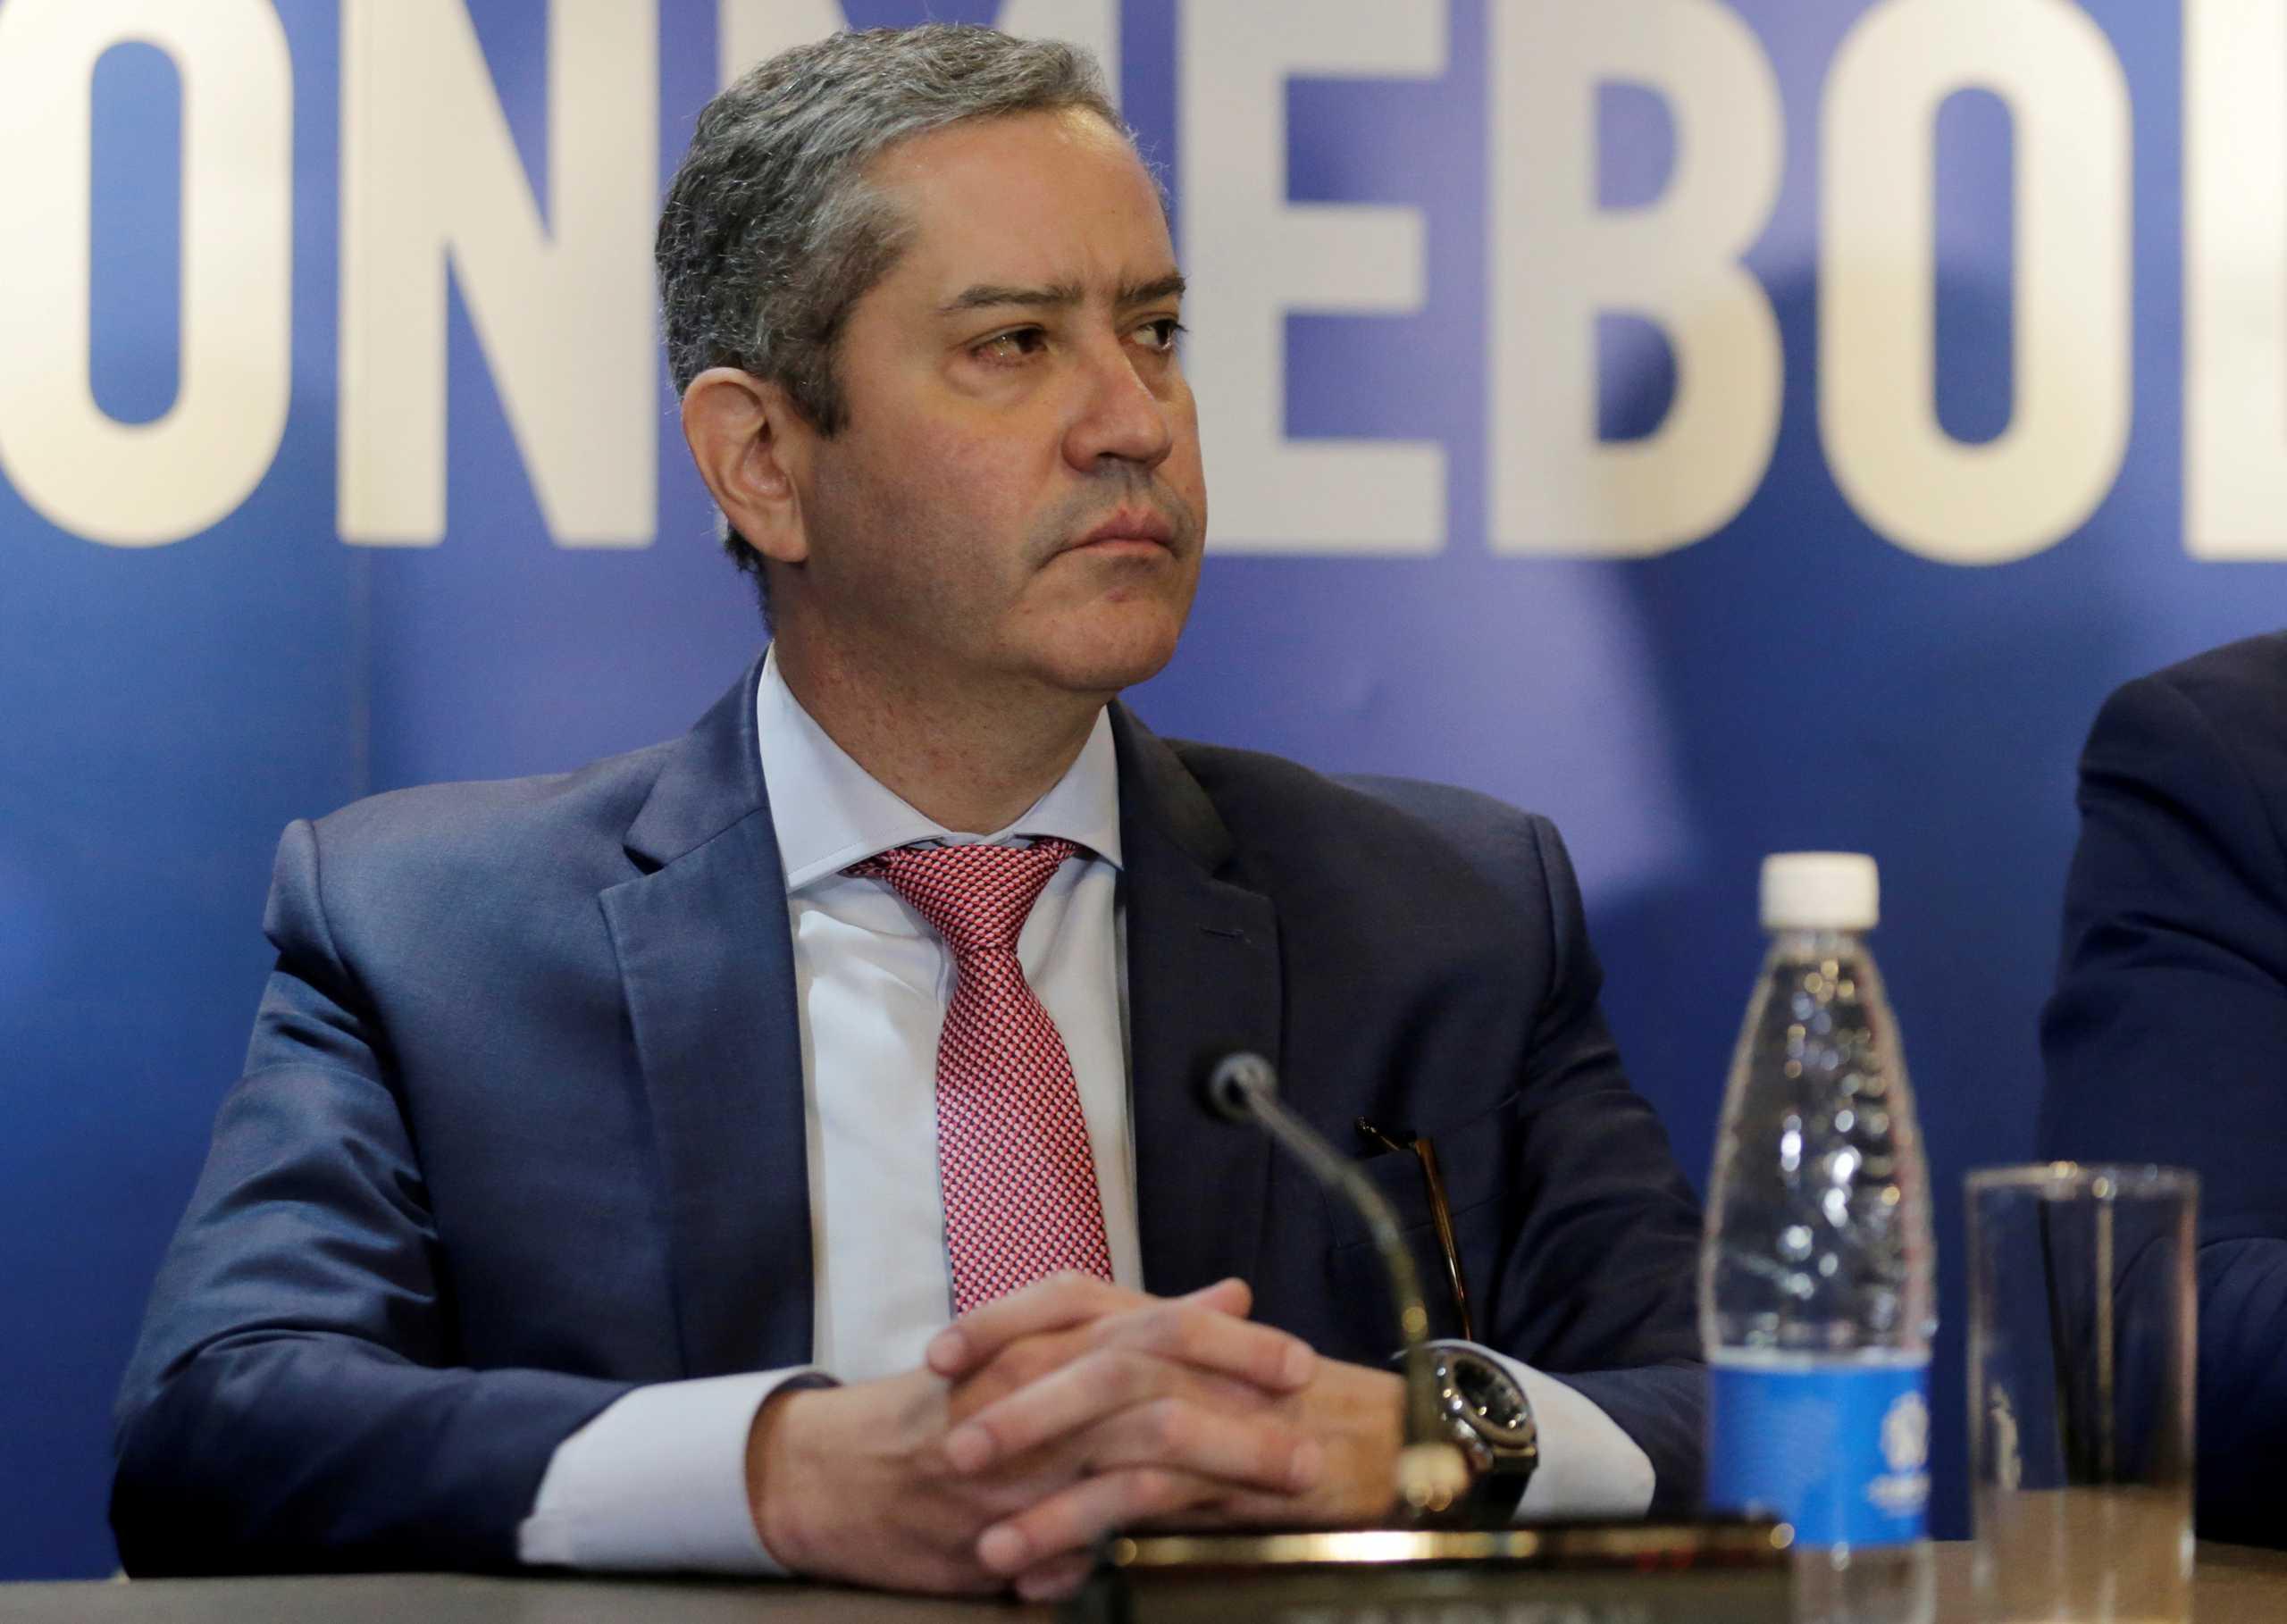 Σε διαθεσιμότητα ο πρόεδρος της Ομοσπονδίας της Βραζιλίας – Κατηγορείται για σεξουαλική παρενόχληση